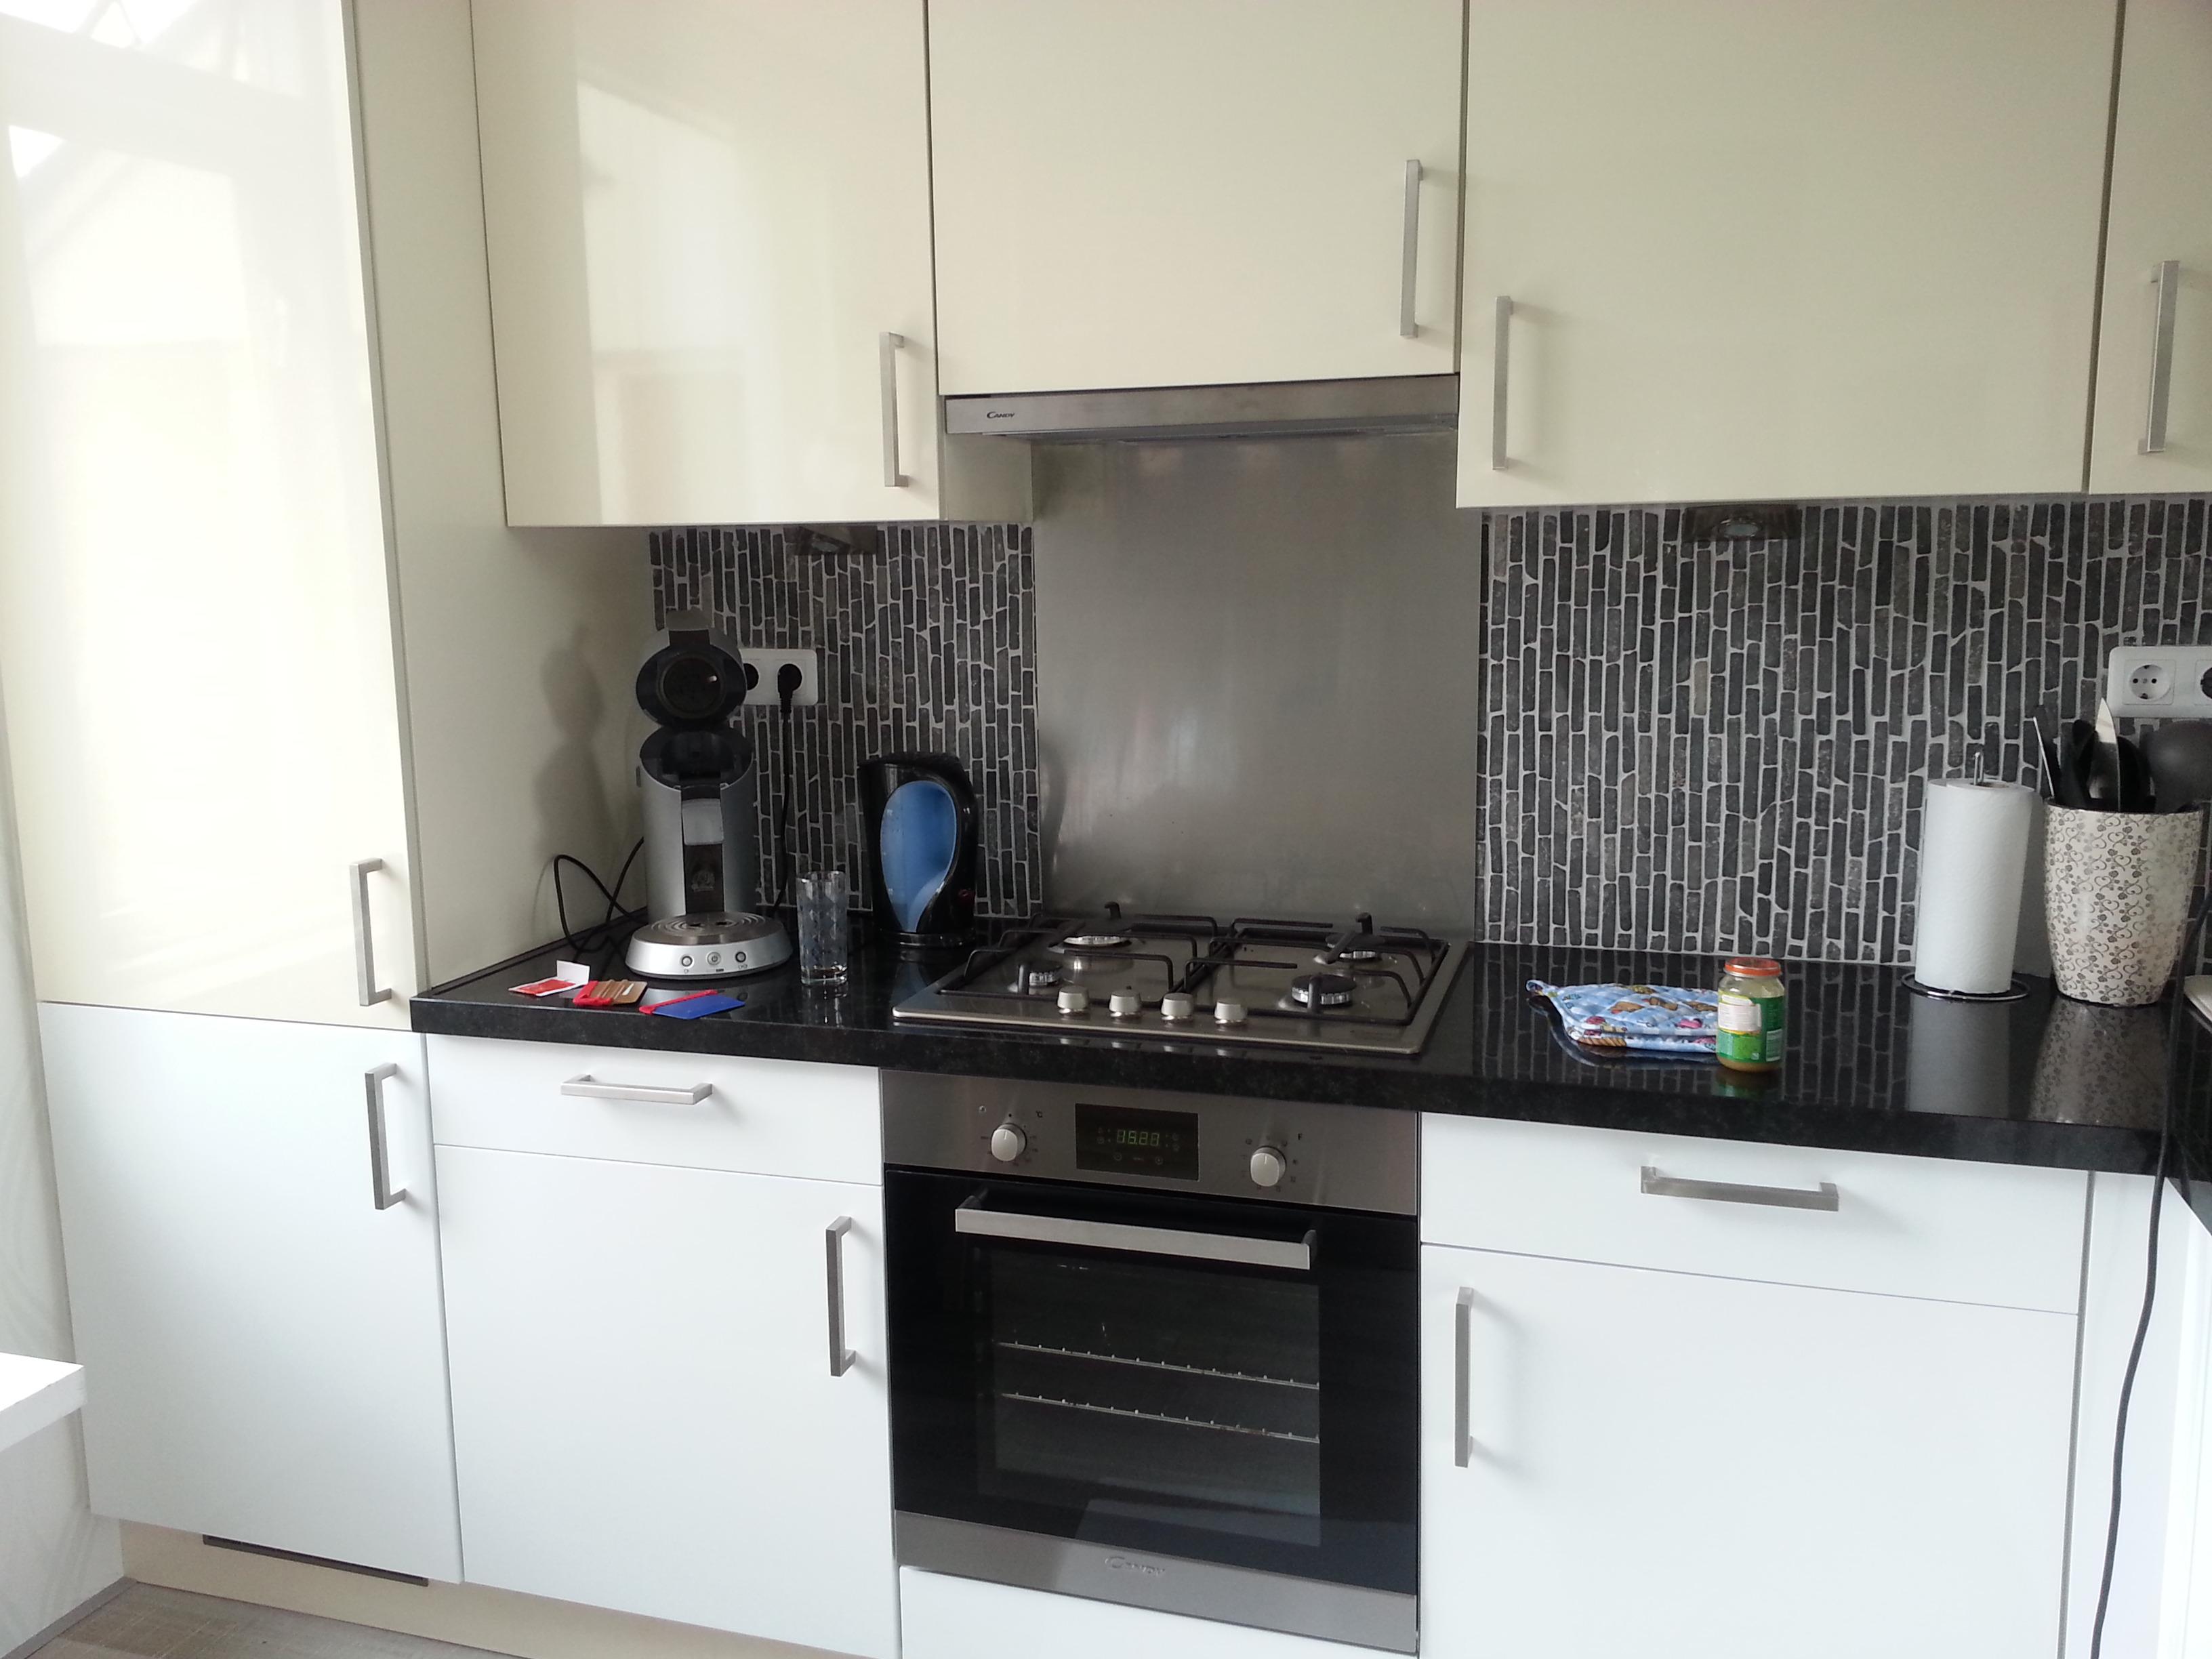 keuken tegels wit : Keuken Magnolia Geel Naar Hoogglans Wit